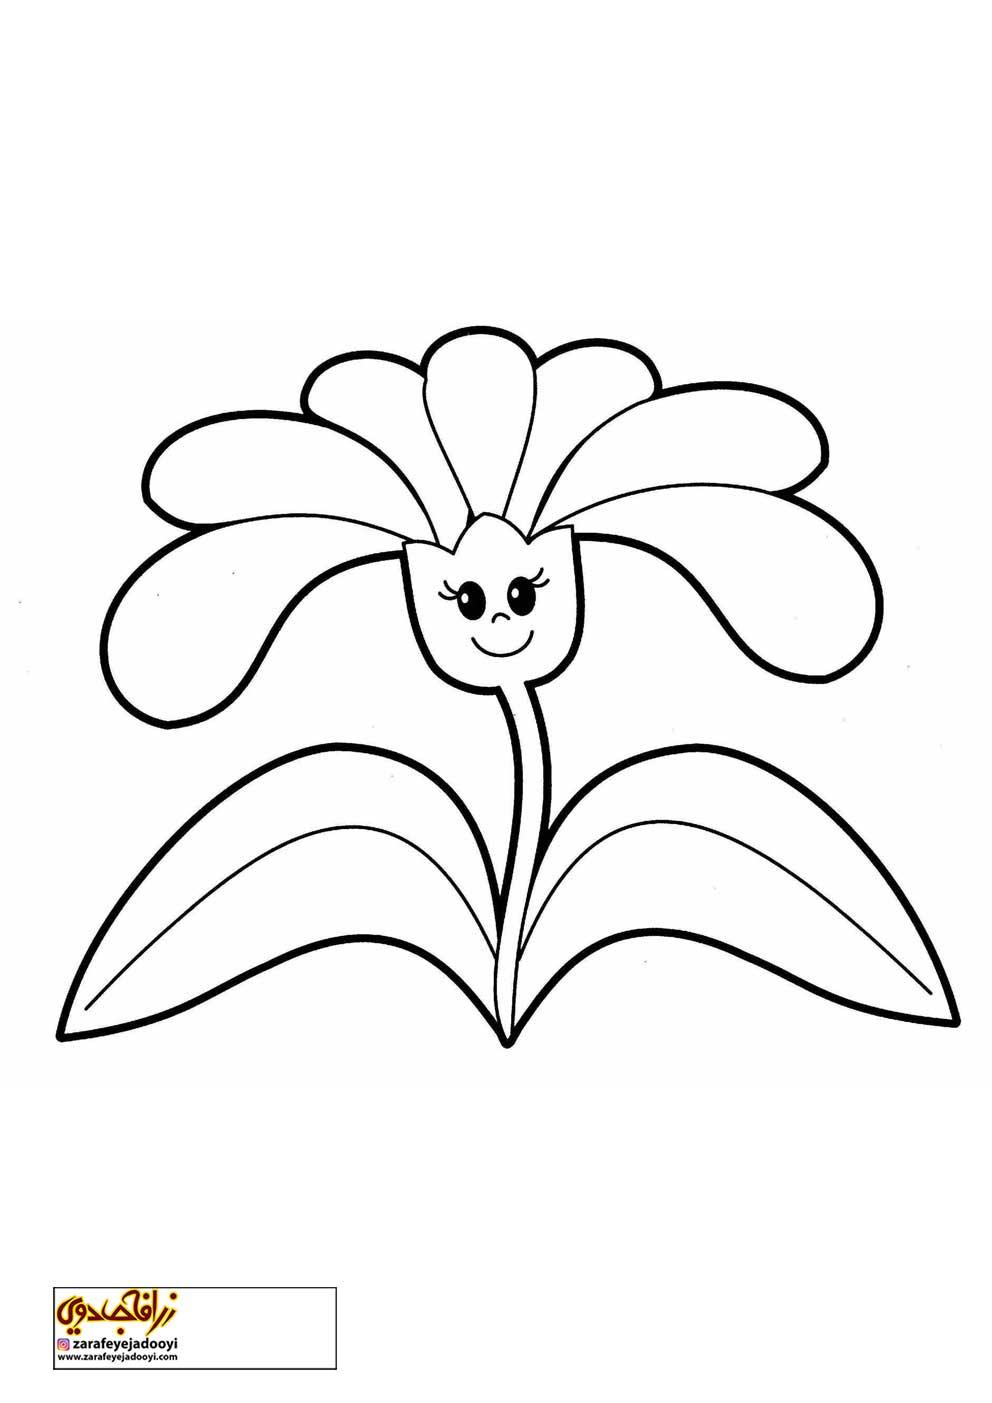 زرافه-جادویی-رنگ-آمیزی-کودکان-نقاشی-گل-21